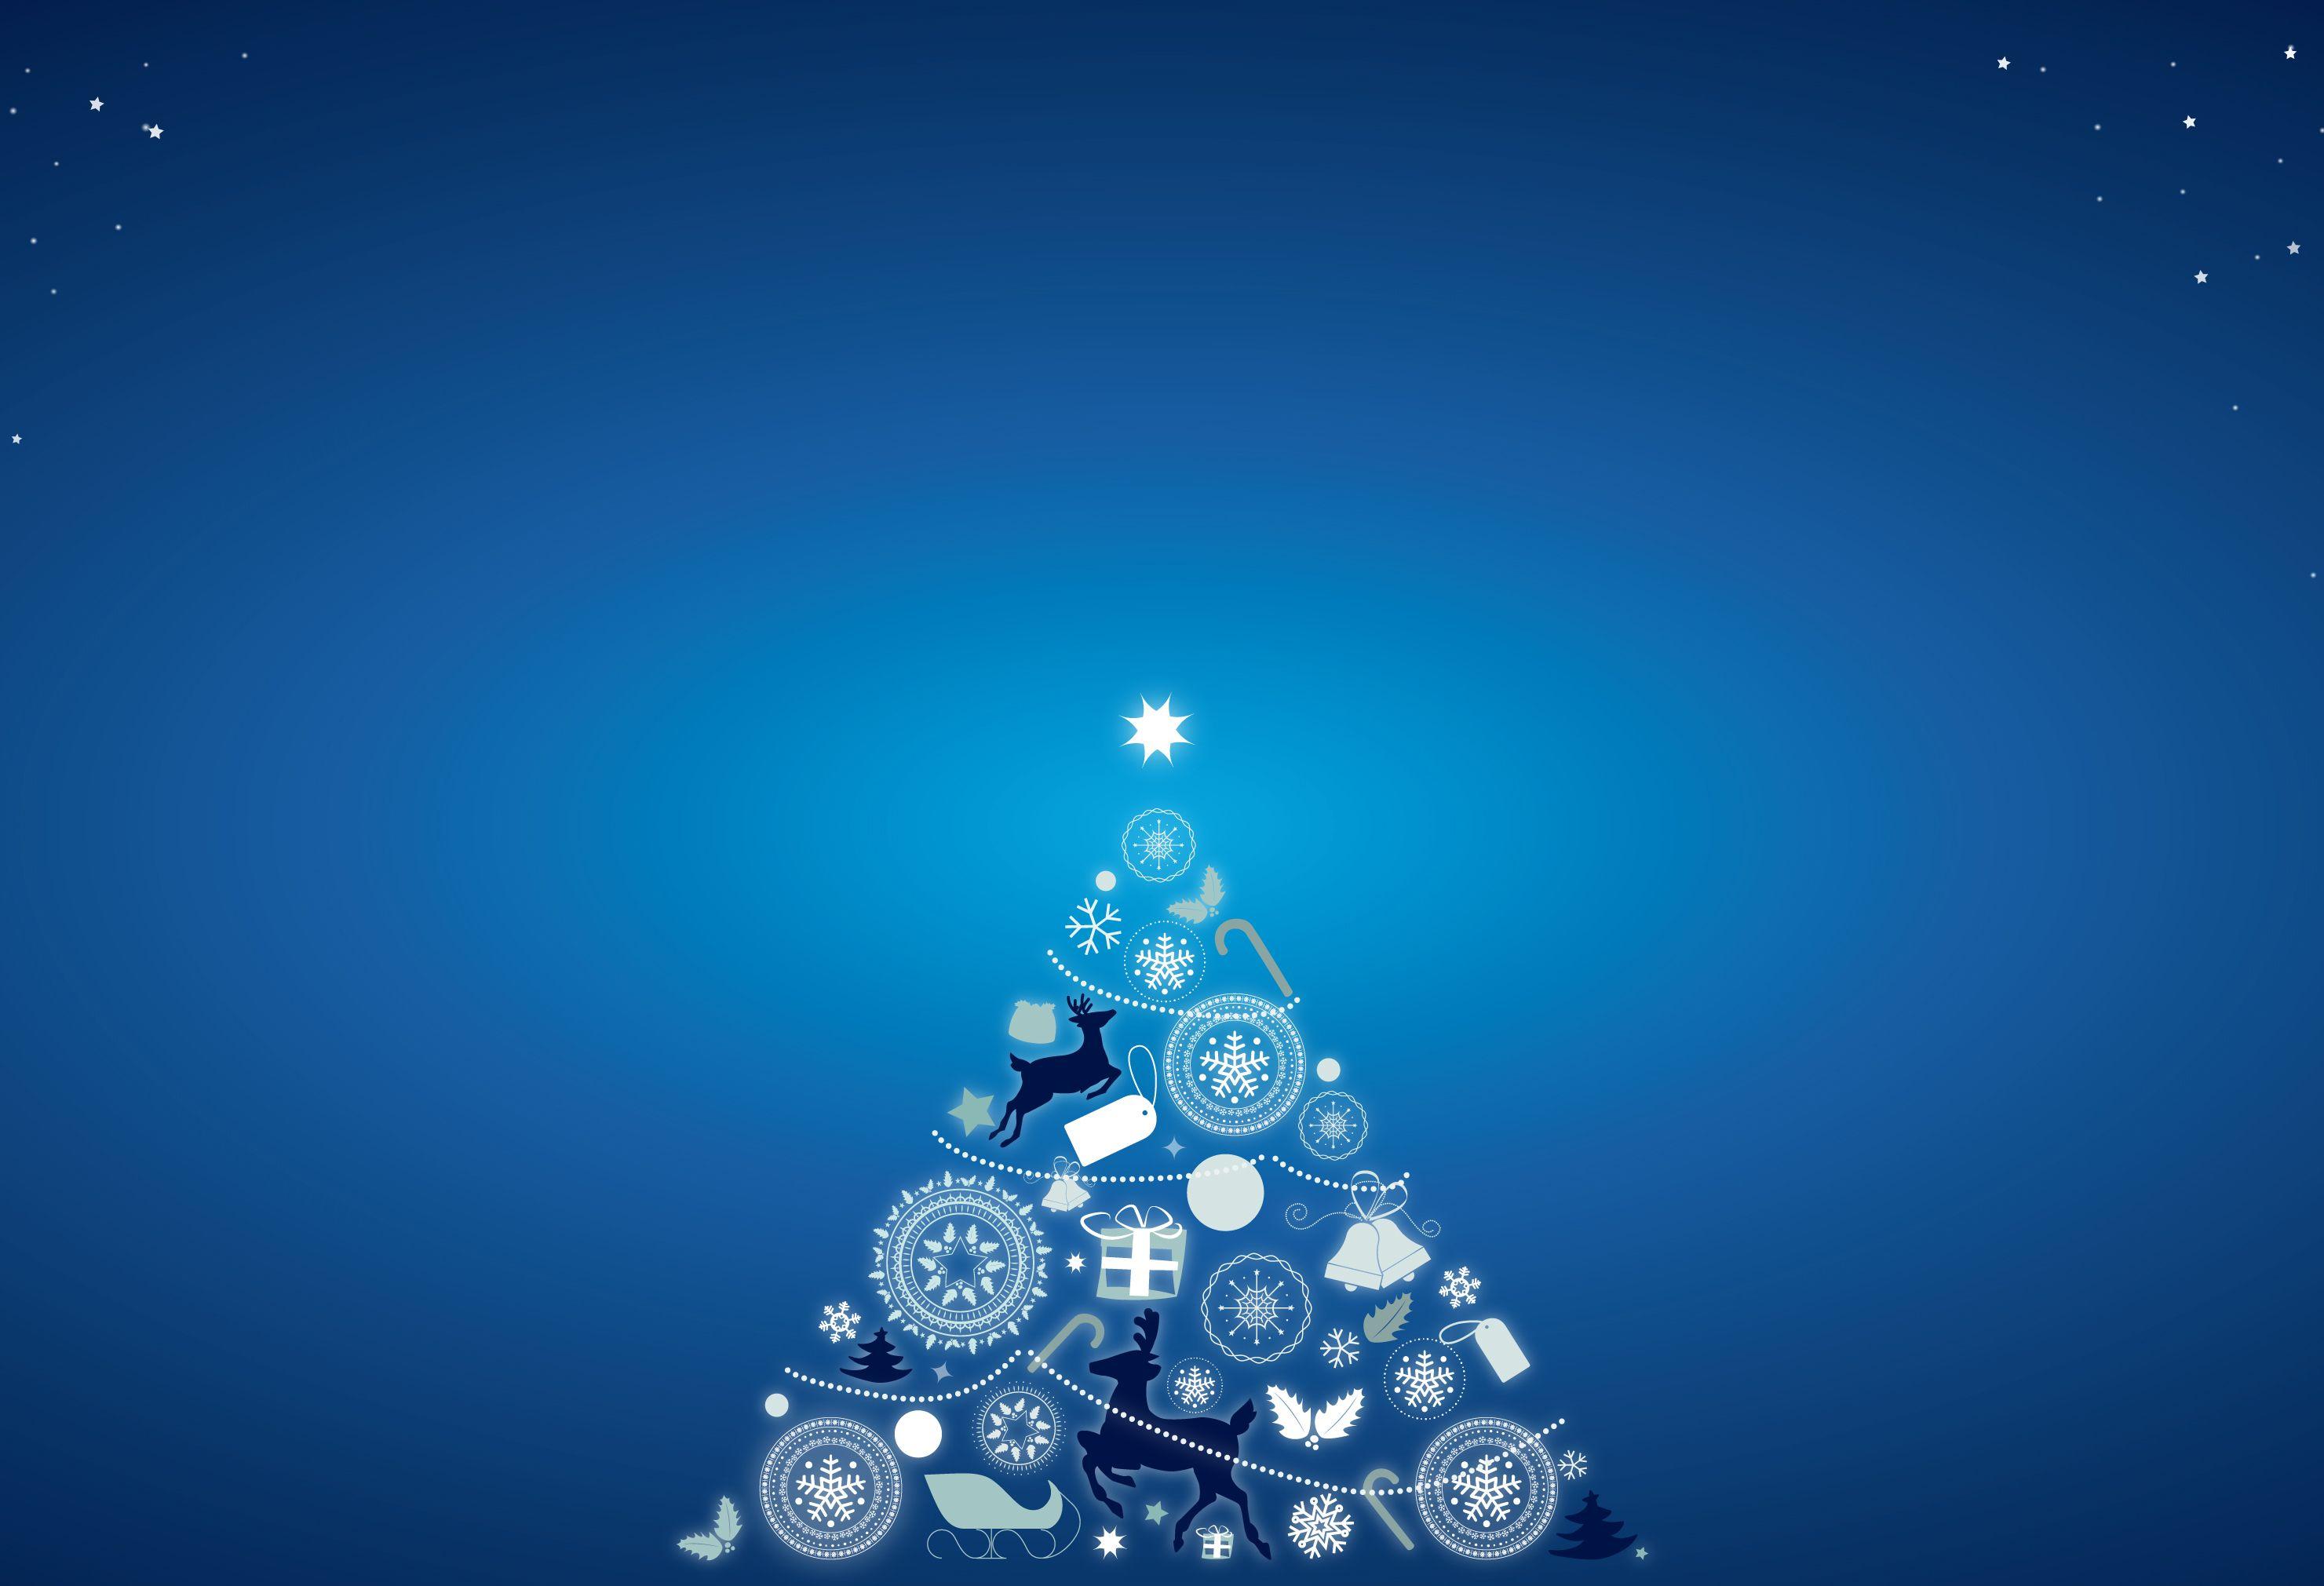 Tarjetas De Navidad Para Descargarimágenes Para Descargar: Tarjetas De Navidad Para Descargar, Imprimir Y Enviar